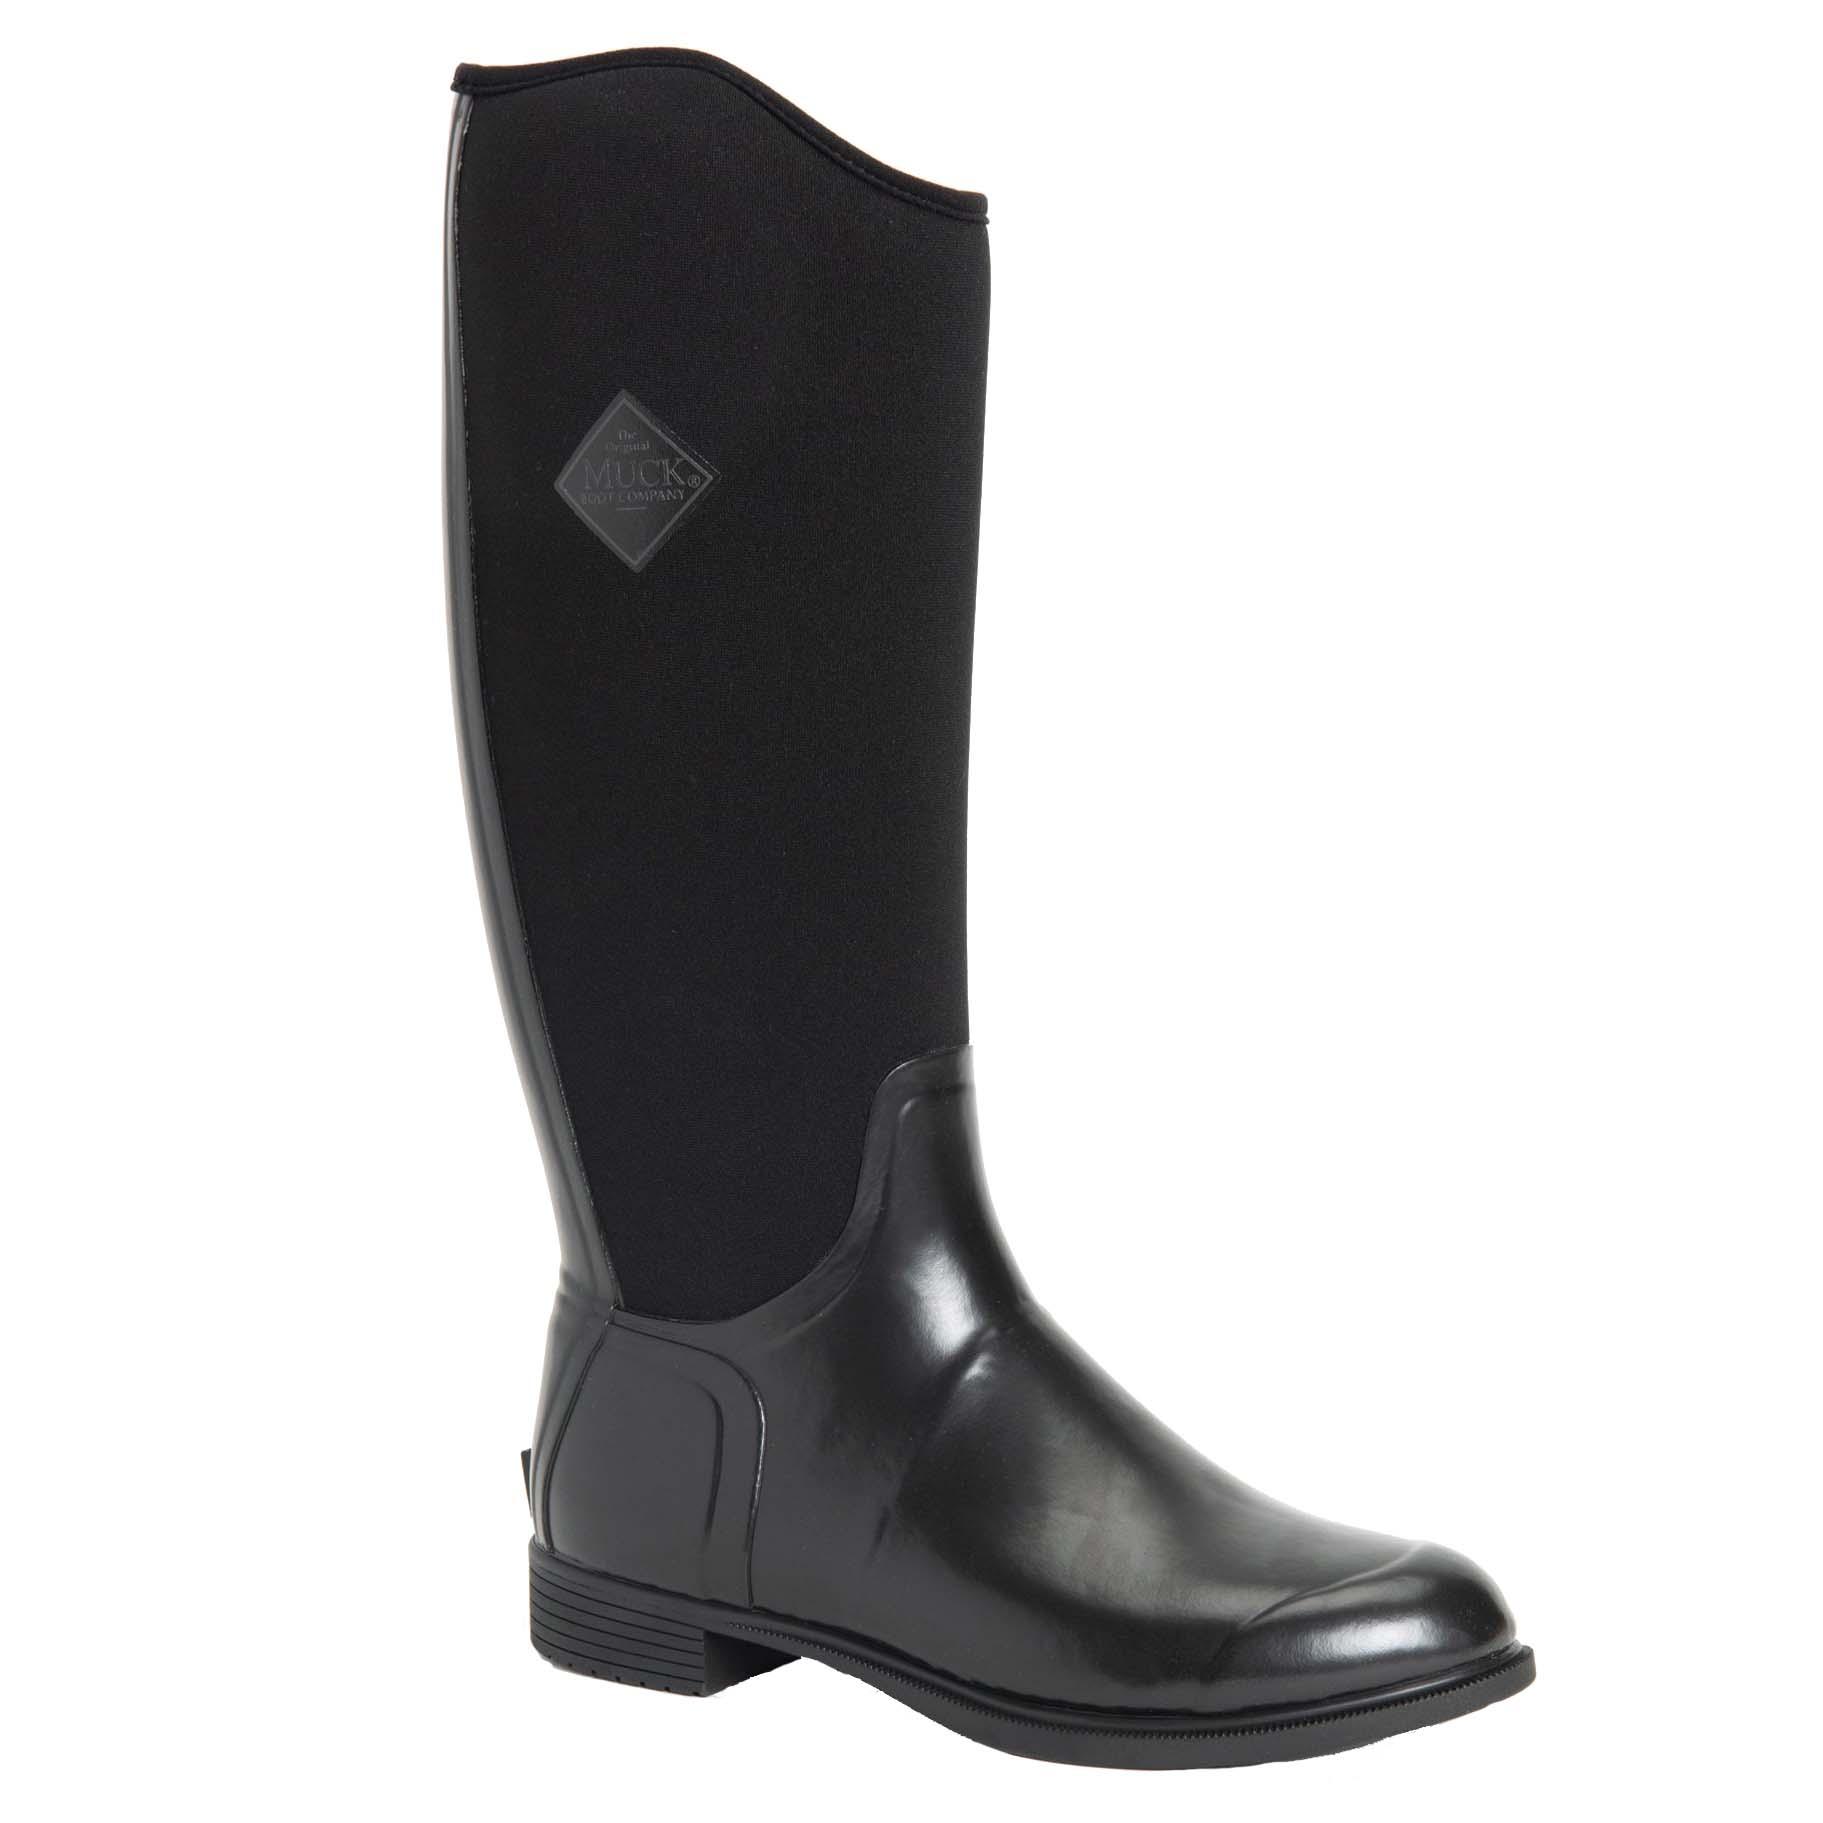 Muck Boots Derby Tall zwart maat:5